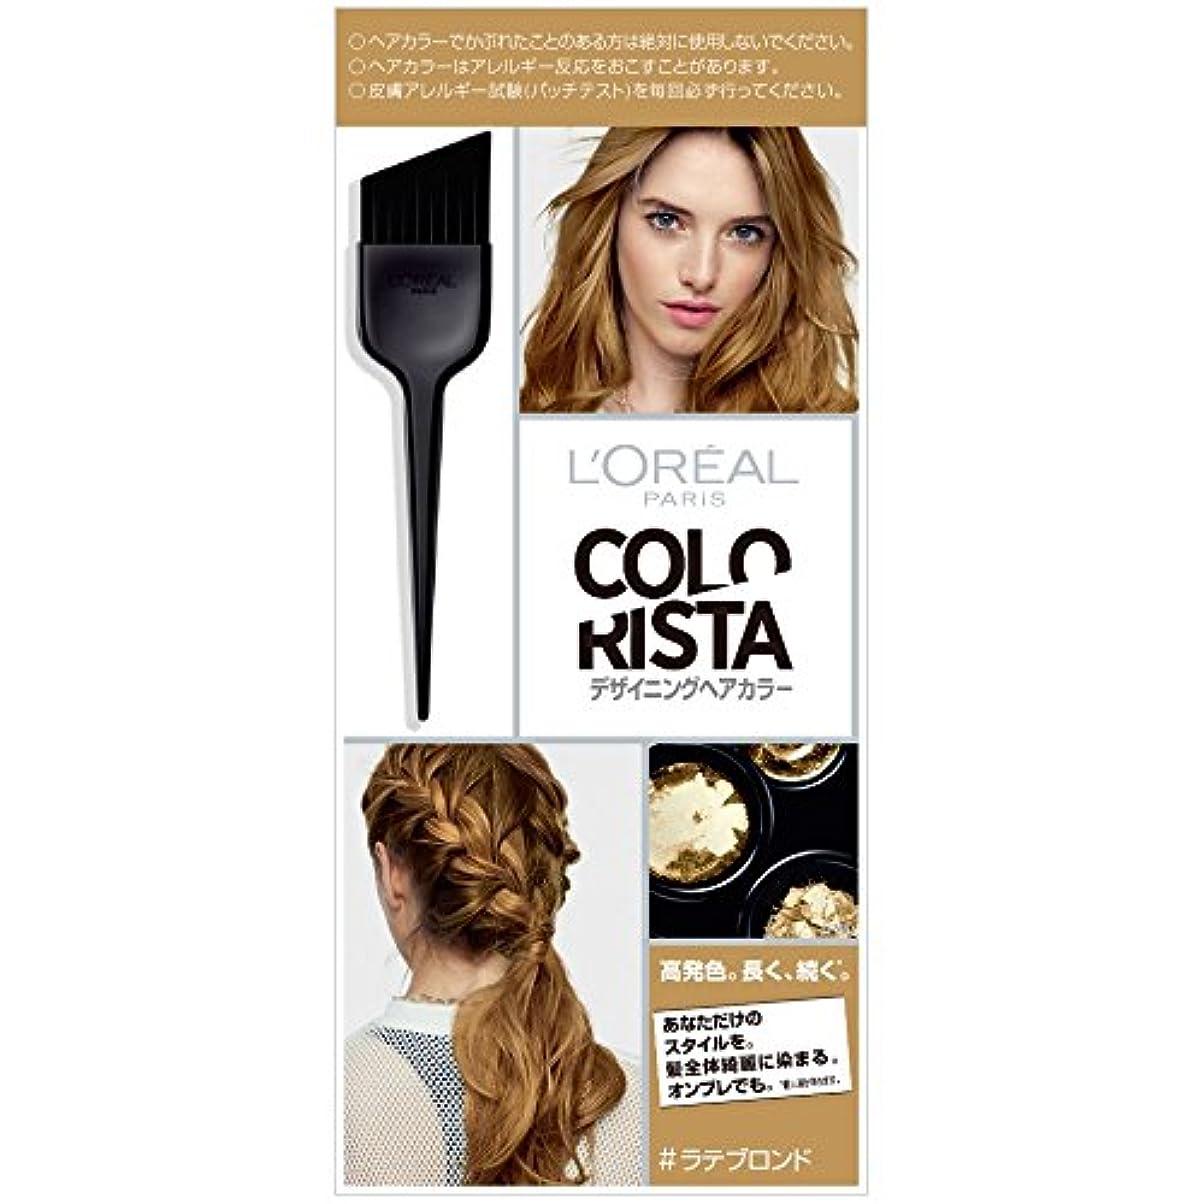 外観拒絶する食べるロレアル パリ カラーリスタ デザイニングヘアカラー ラテブロンド